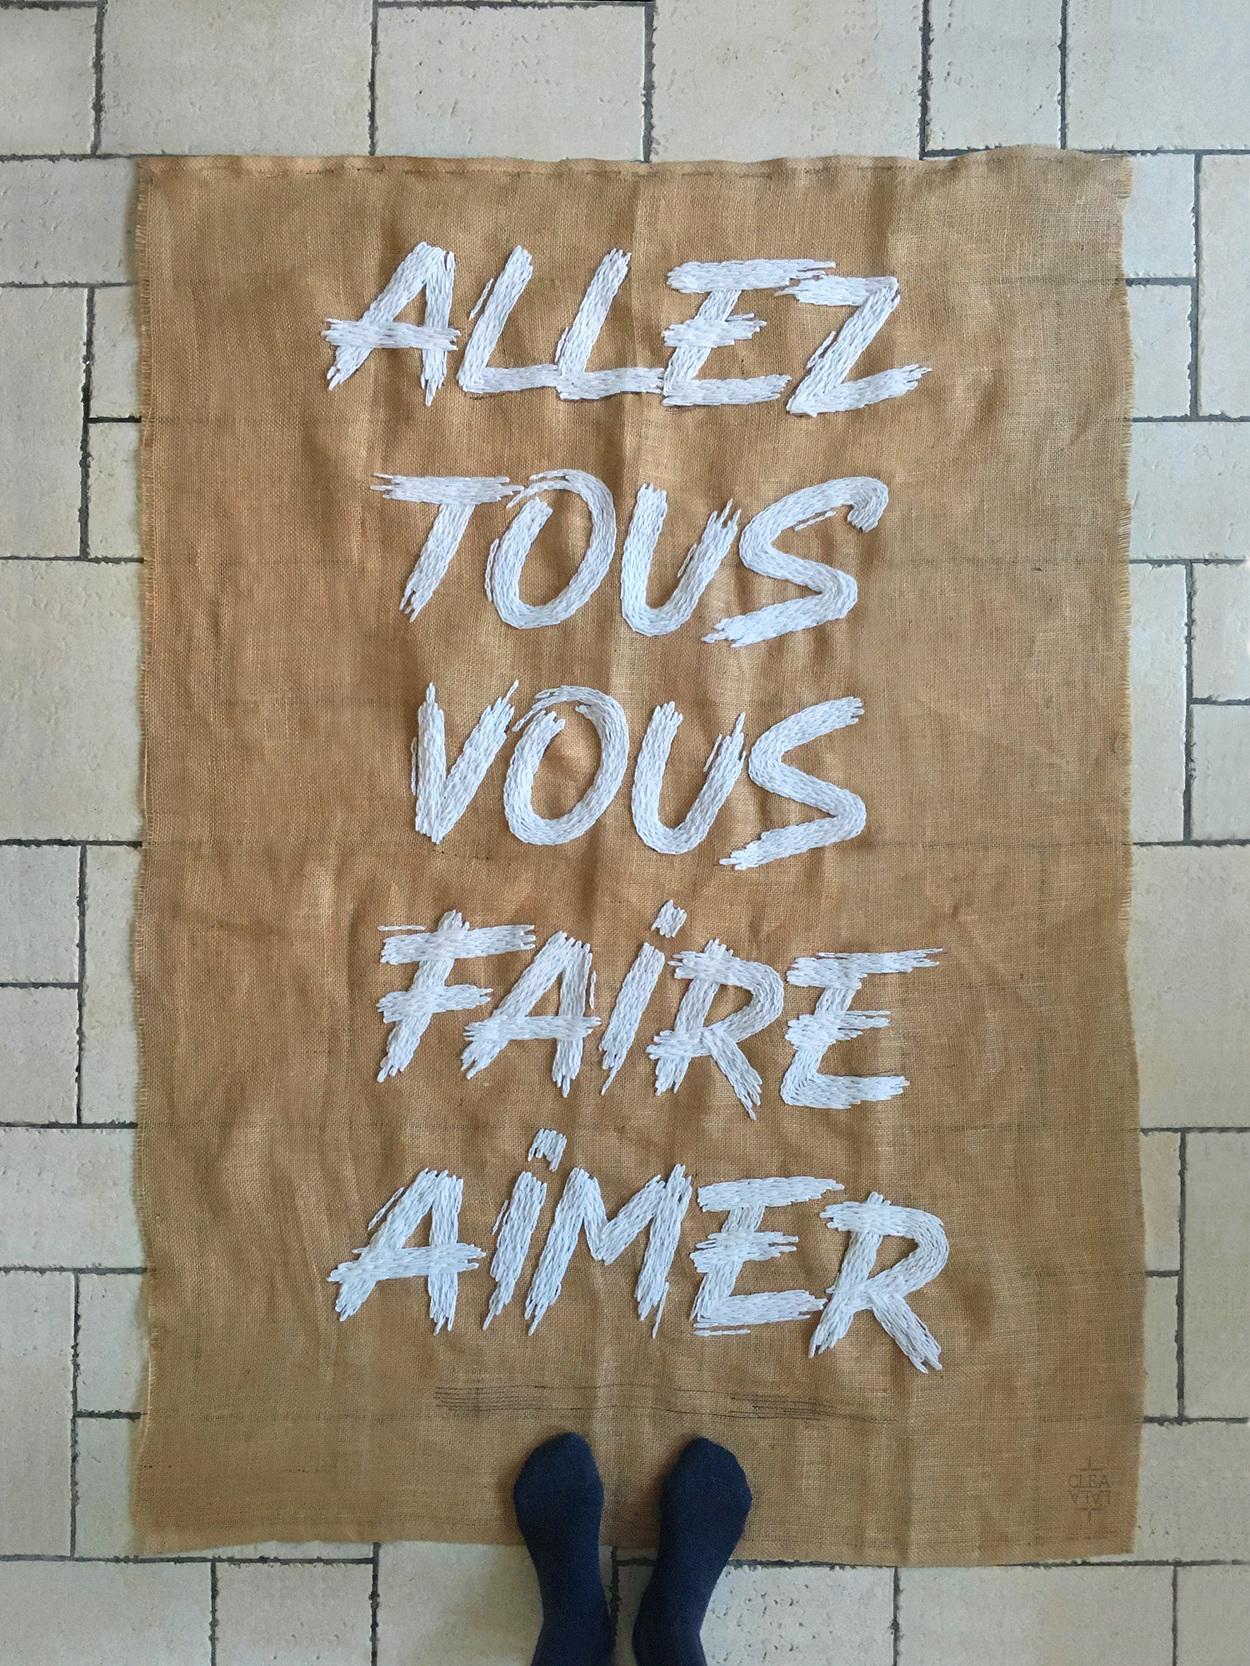 Allez Tous Vous Faire Aimer : allez, faire, aimer, ALLEZ, FAIRE, AIMER, CLÉA, Creative, Designer